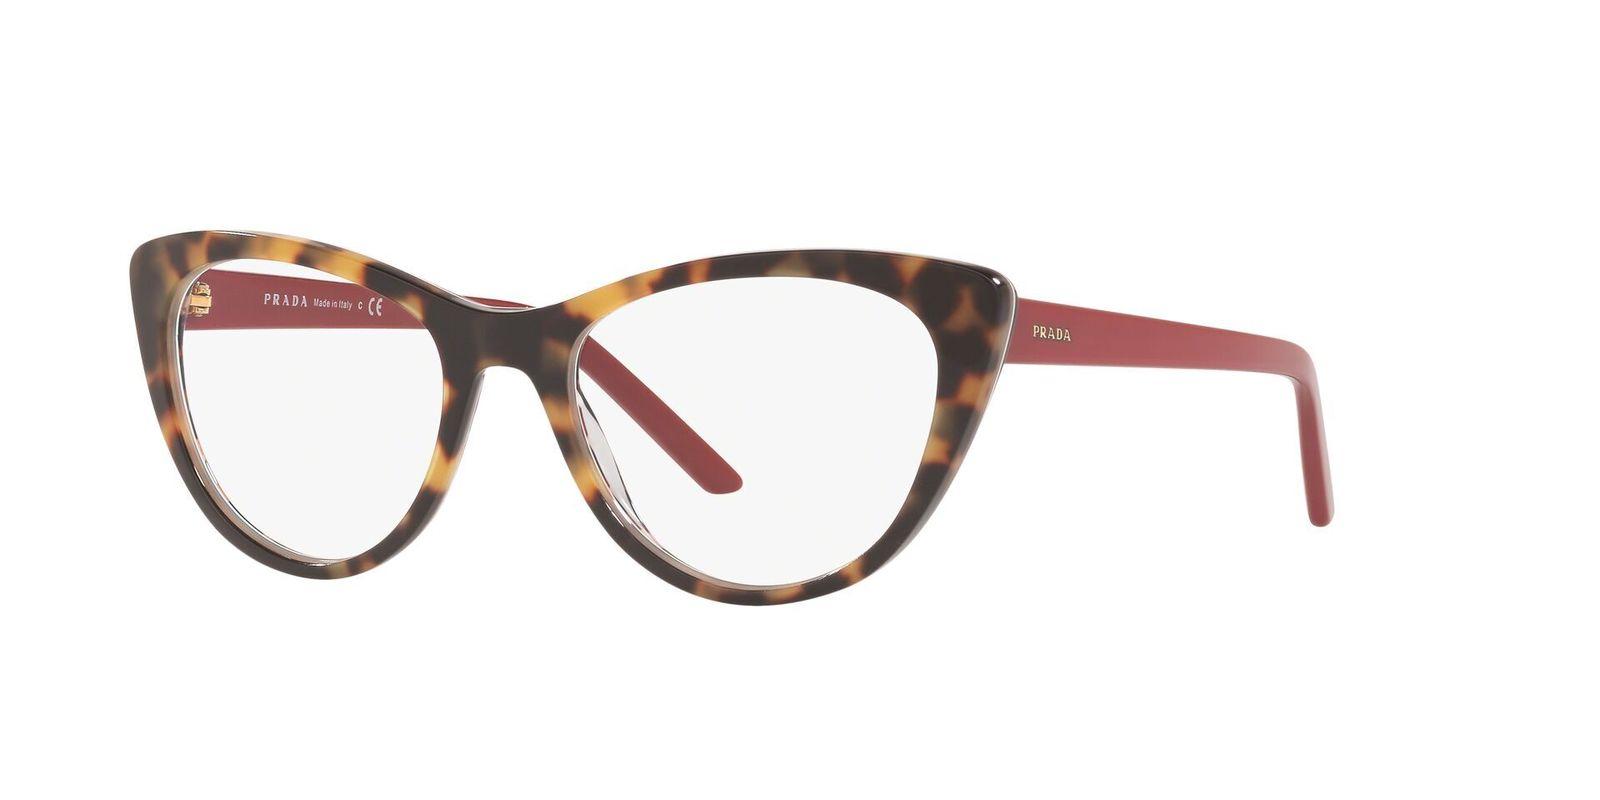 Prada - PR05XV 5141O1 - Óculos de grau